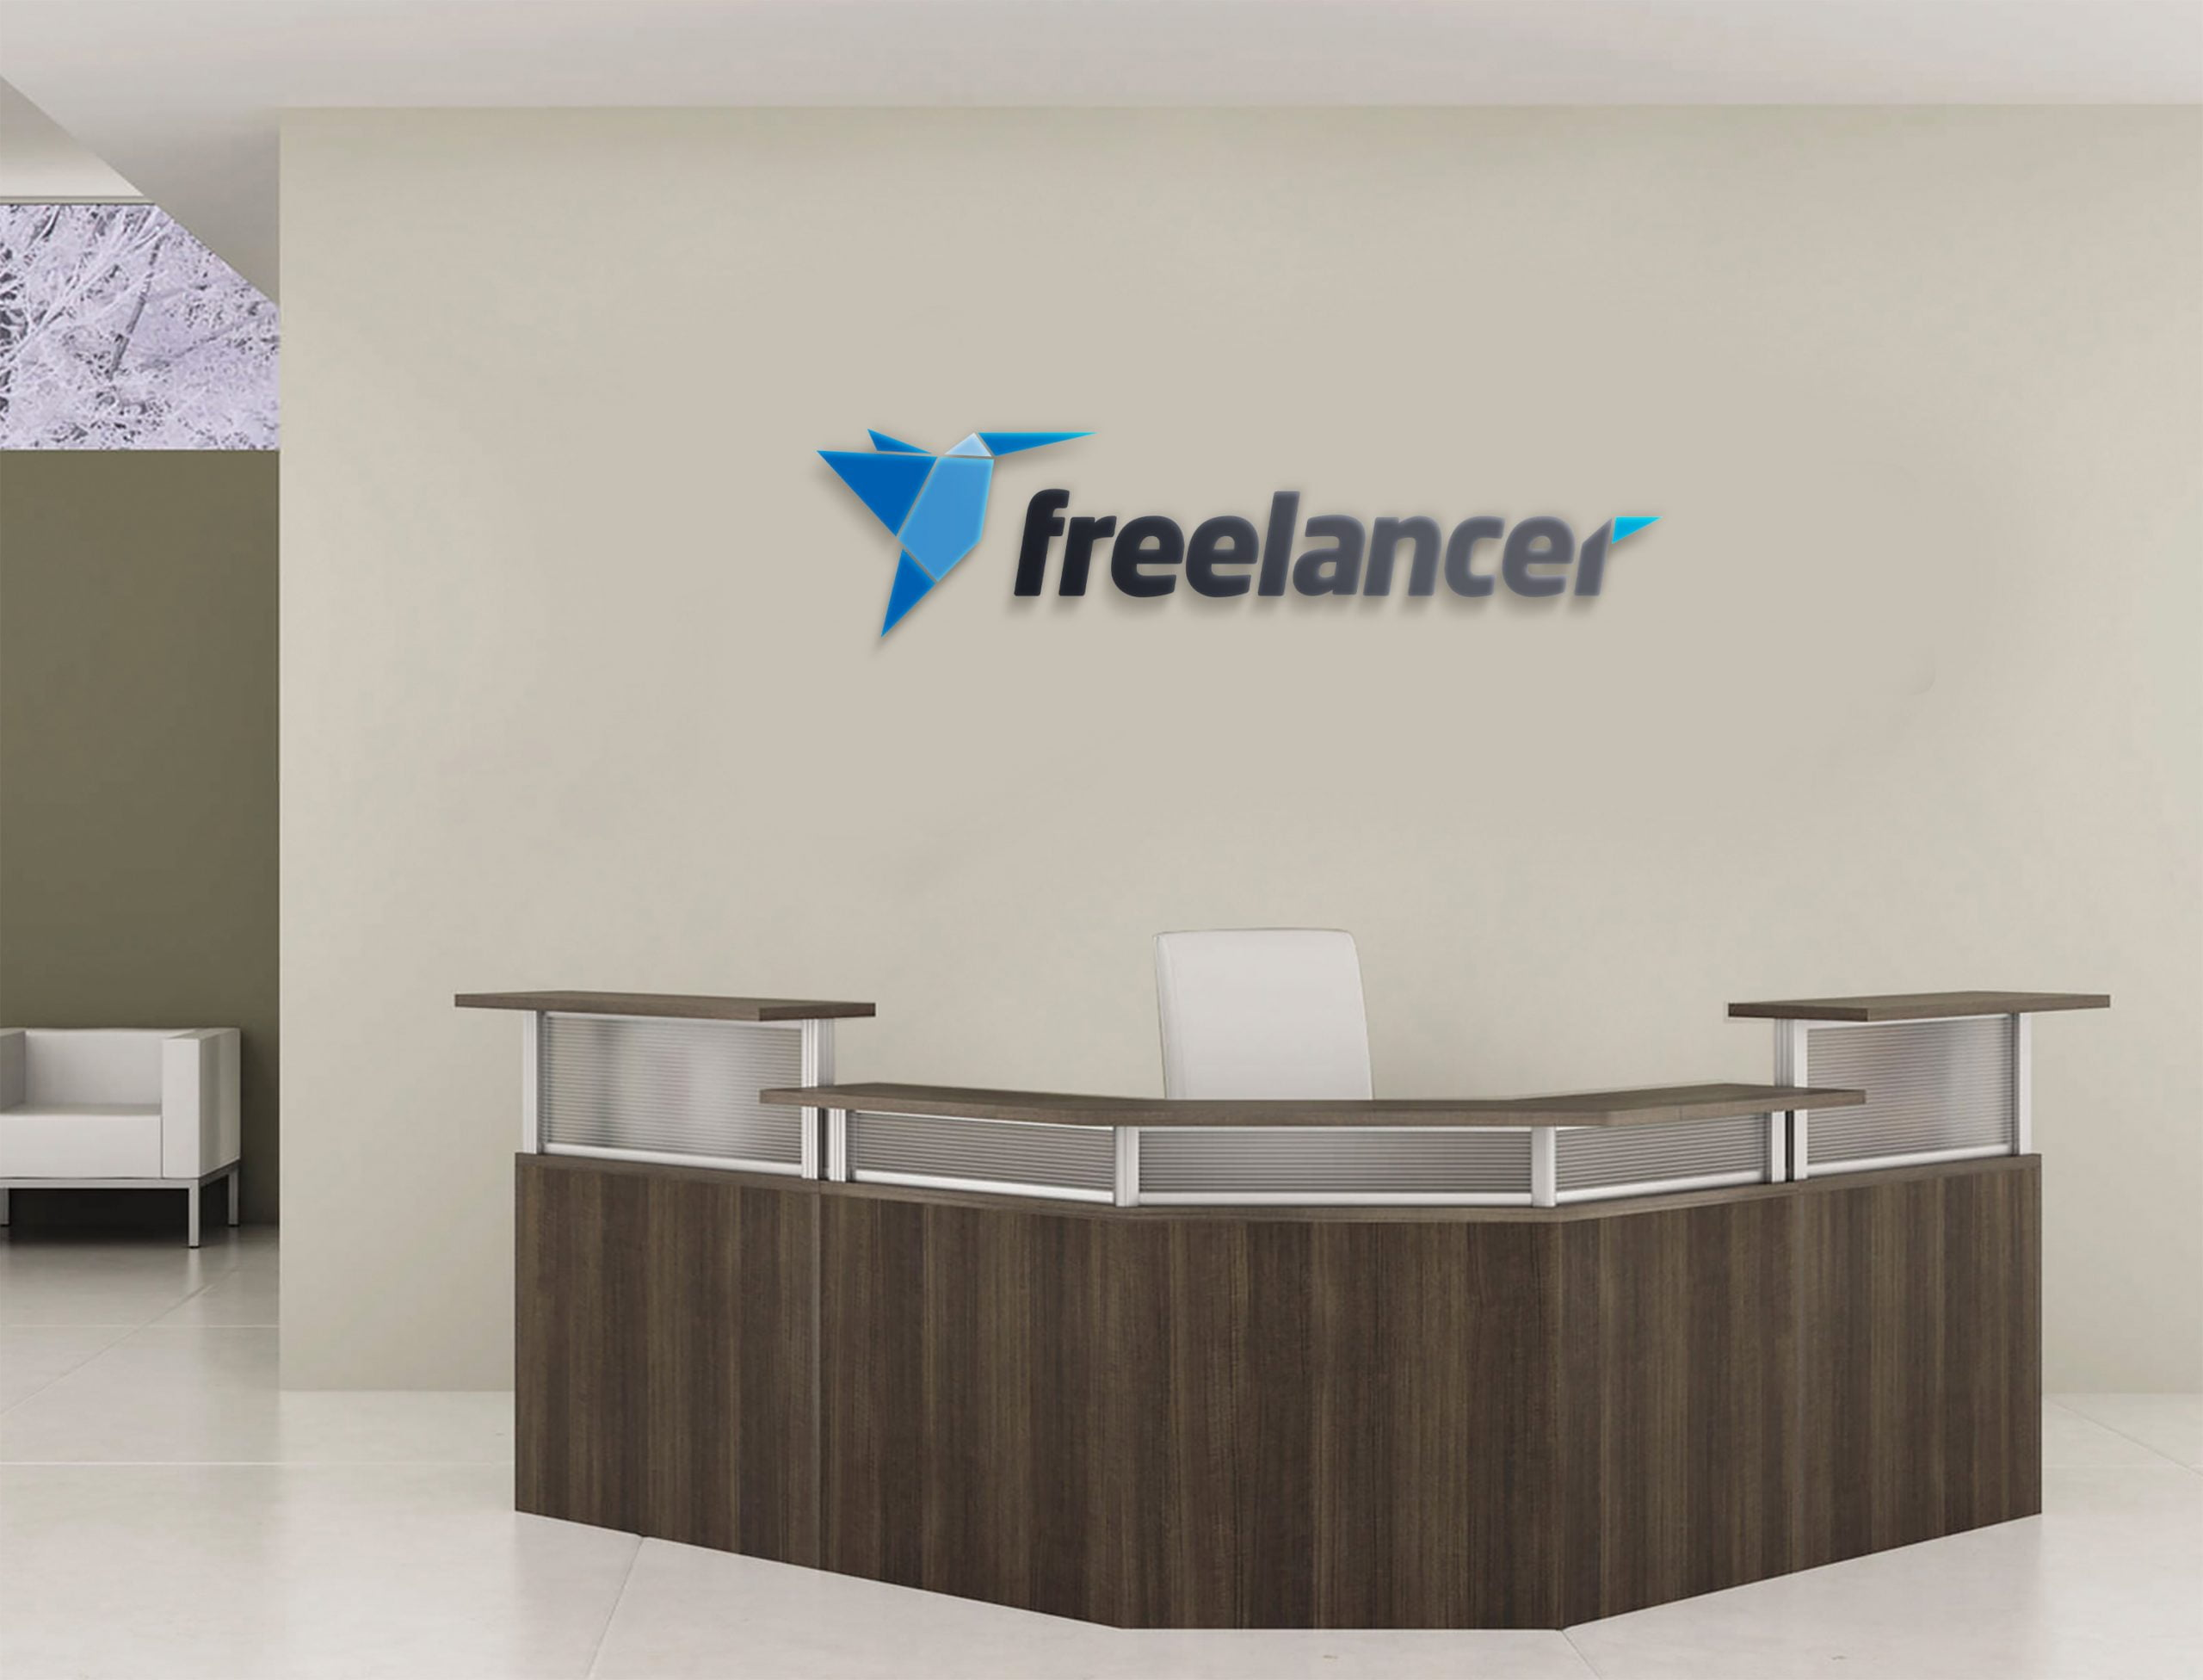 Freelancer-Office-Front-Desk-Logo-Mockup